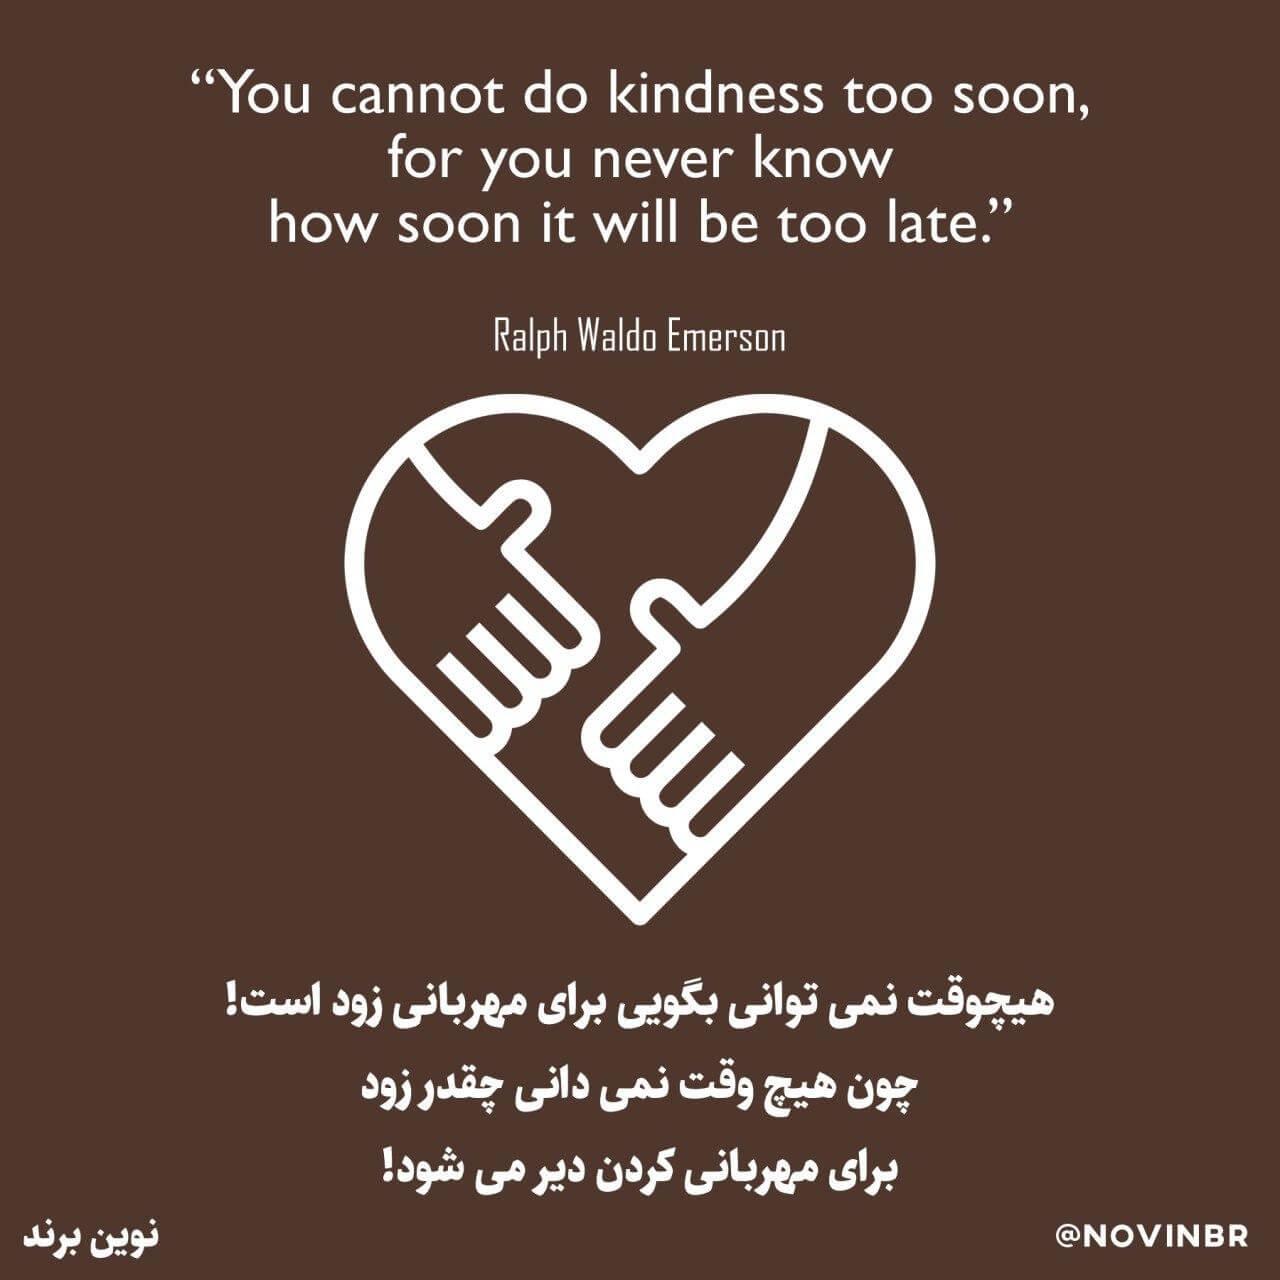 برای مهربانی زود نیست!